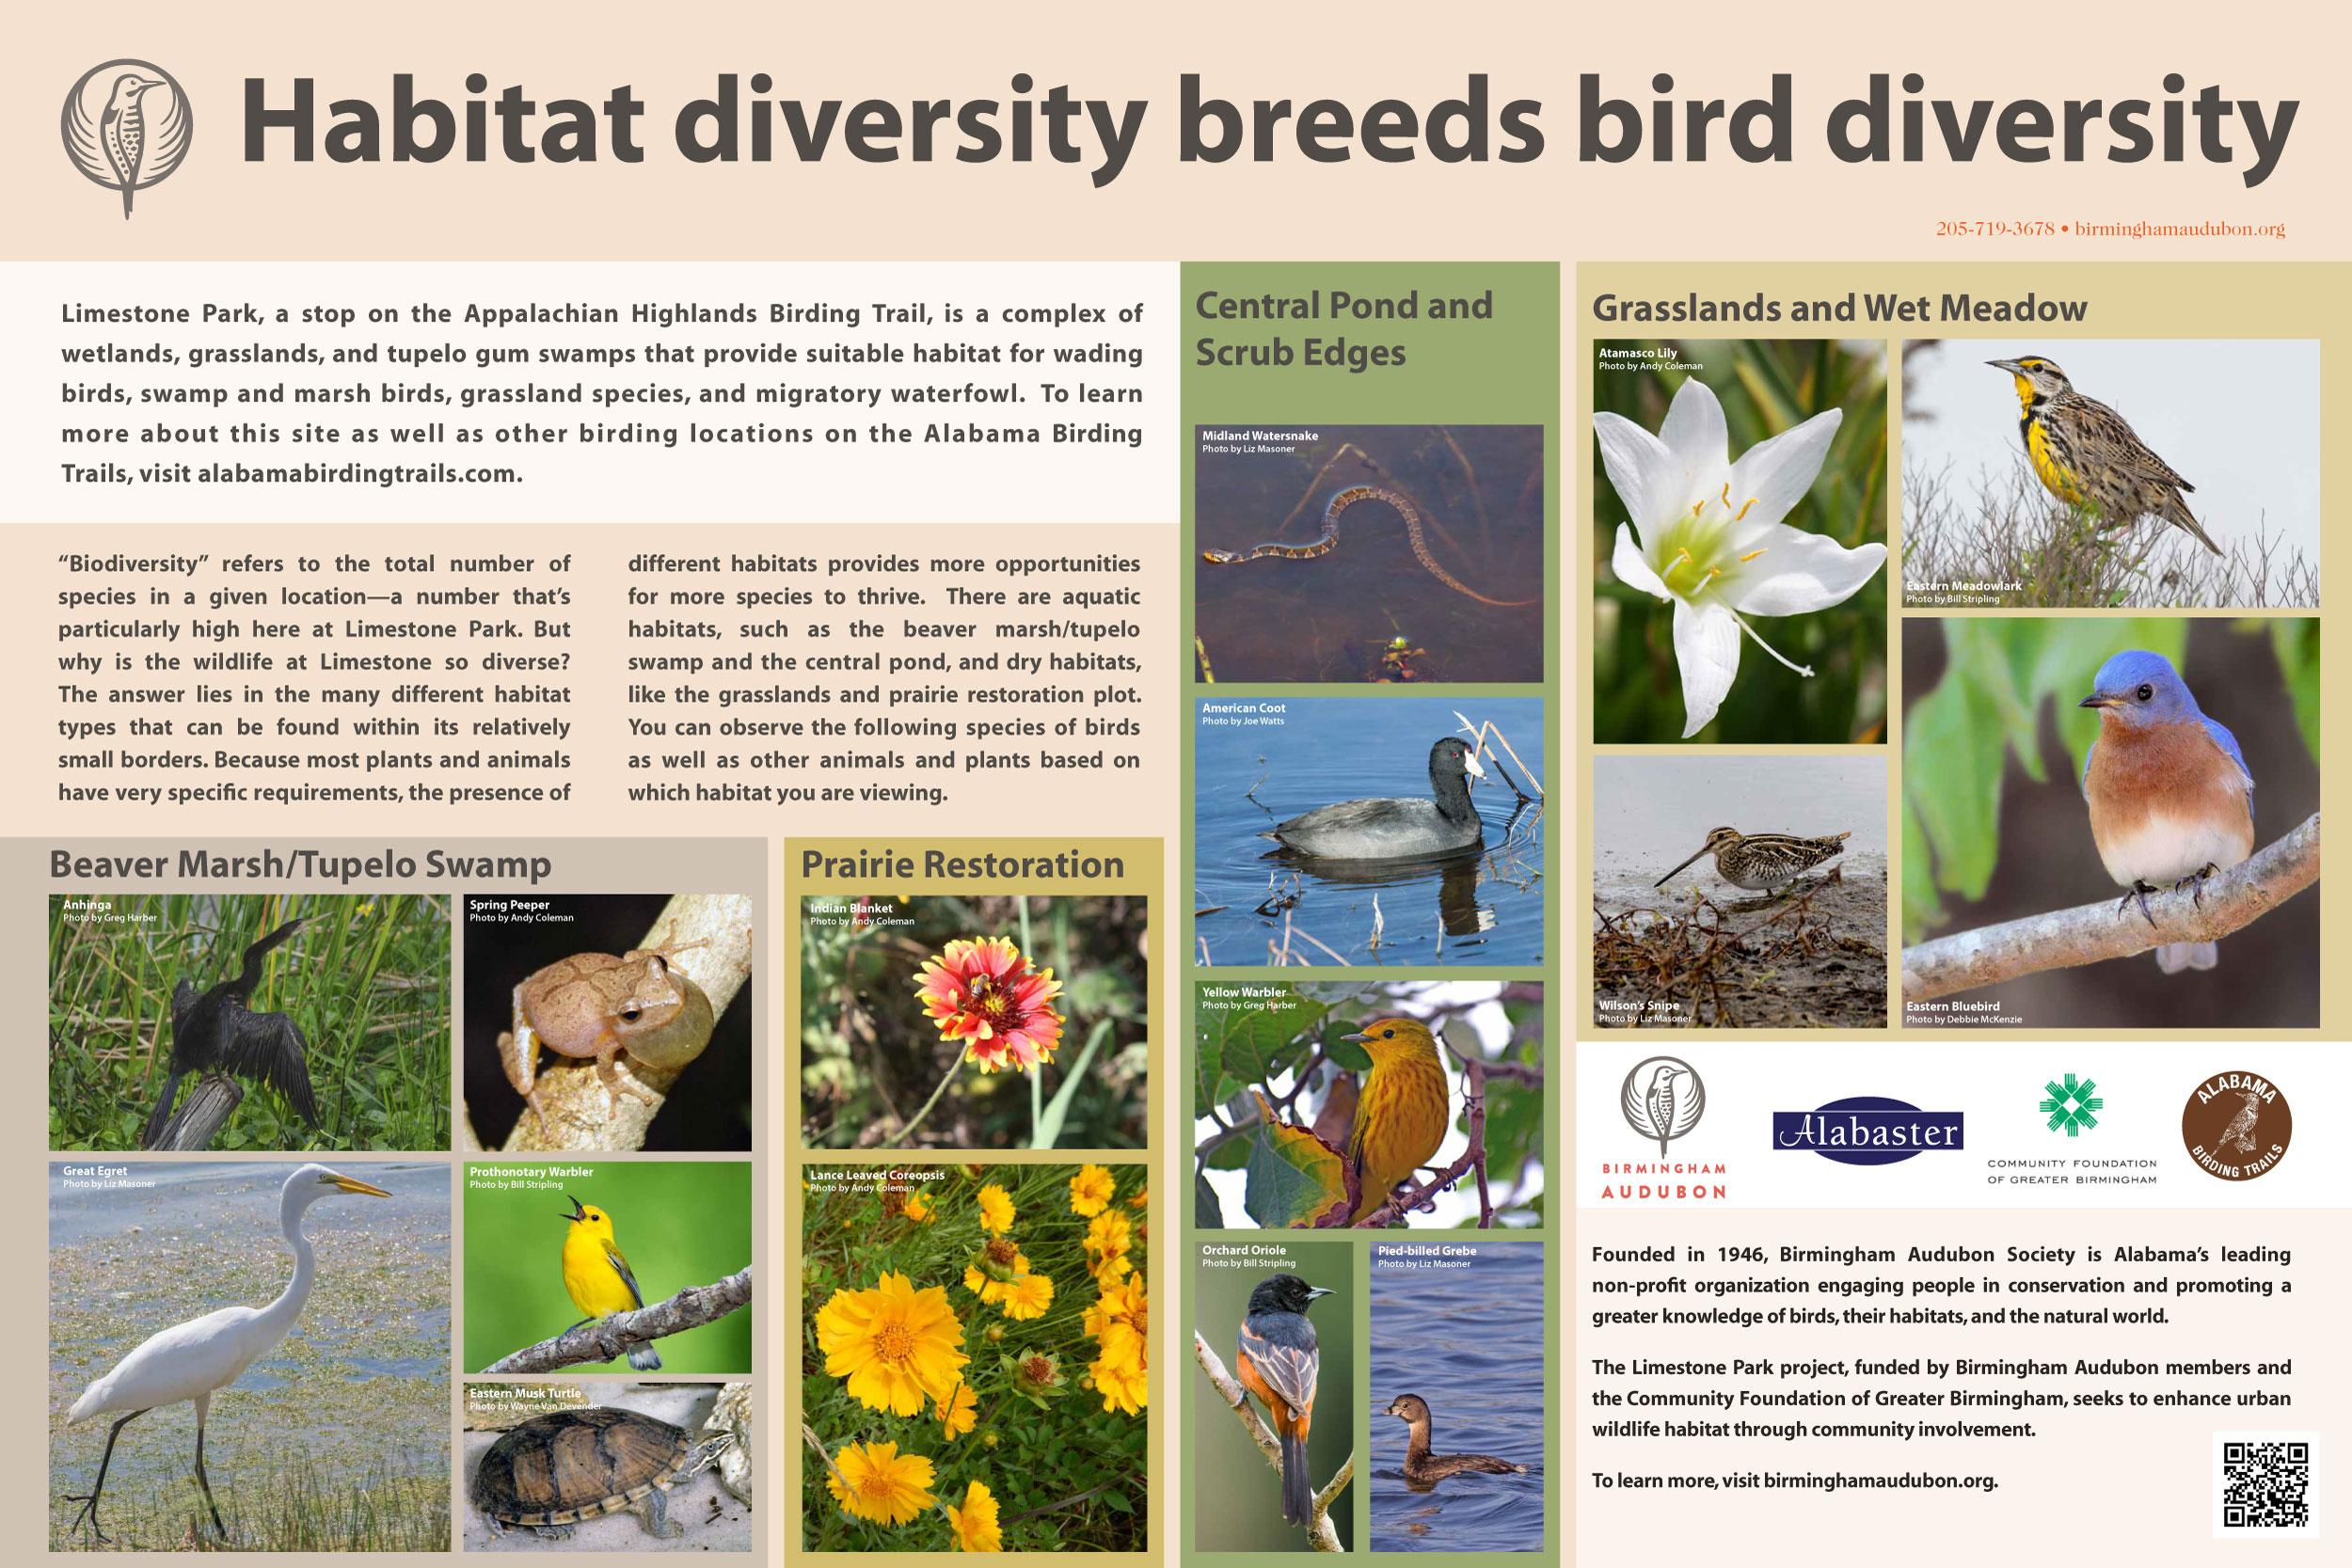 Signage for Birmingham Audubon